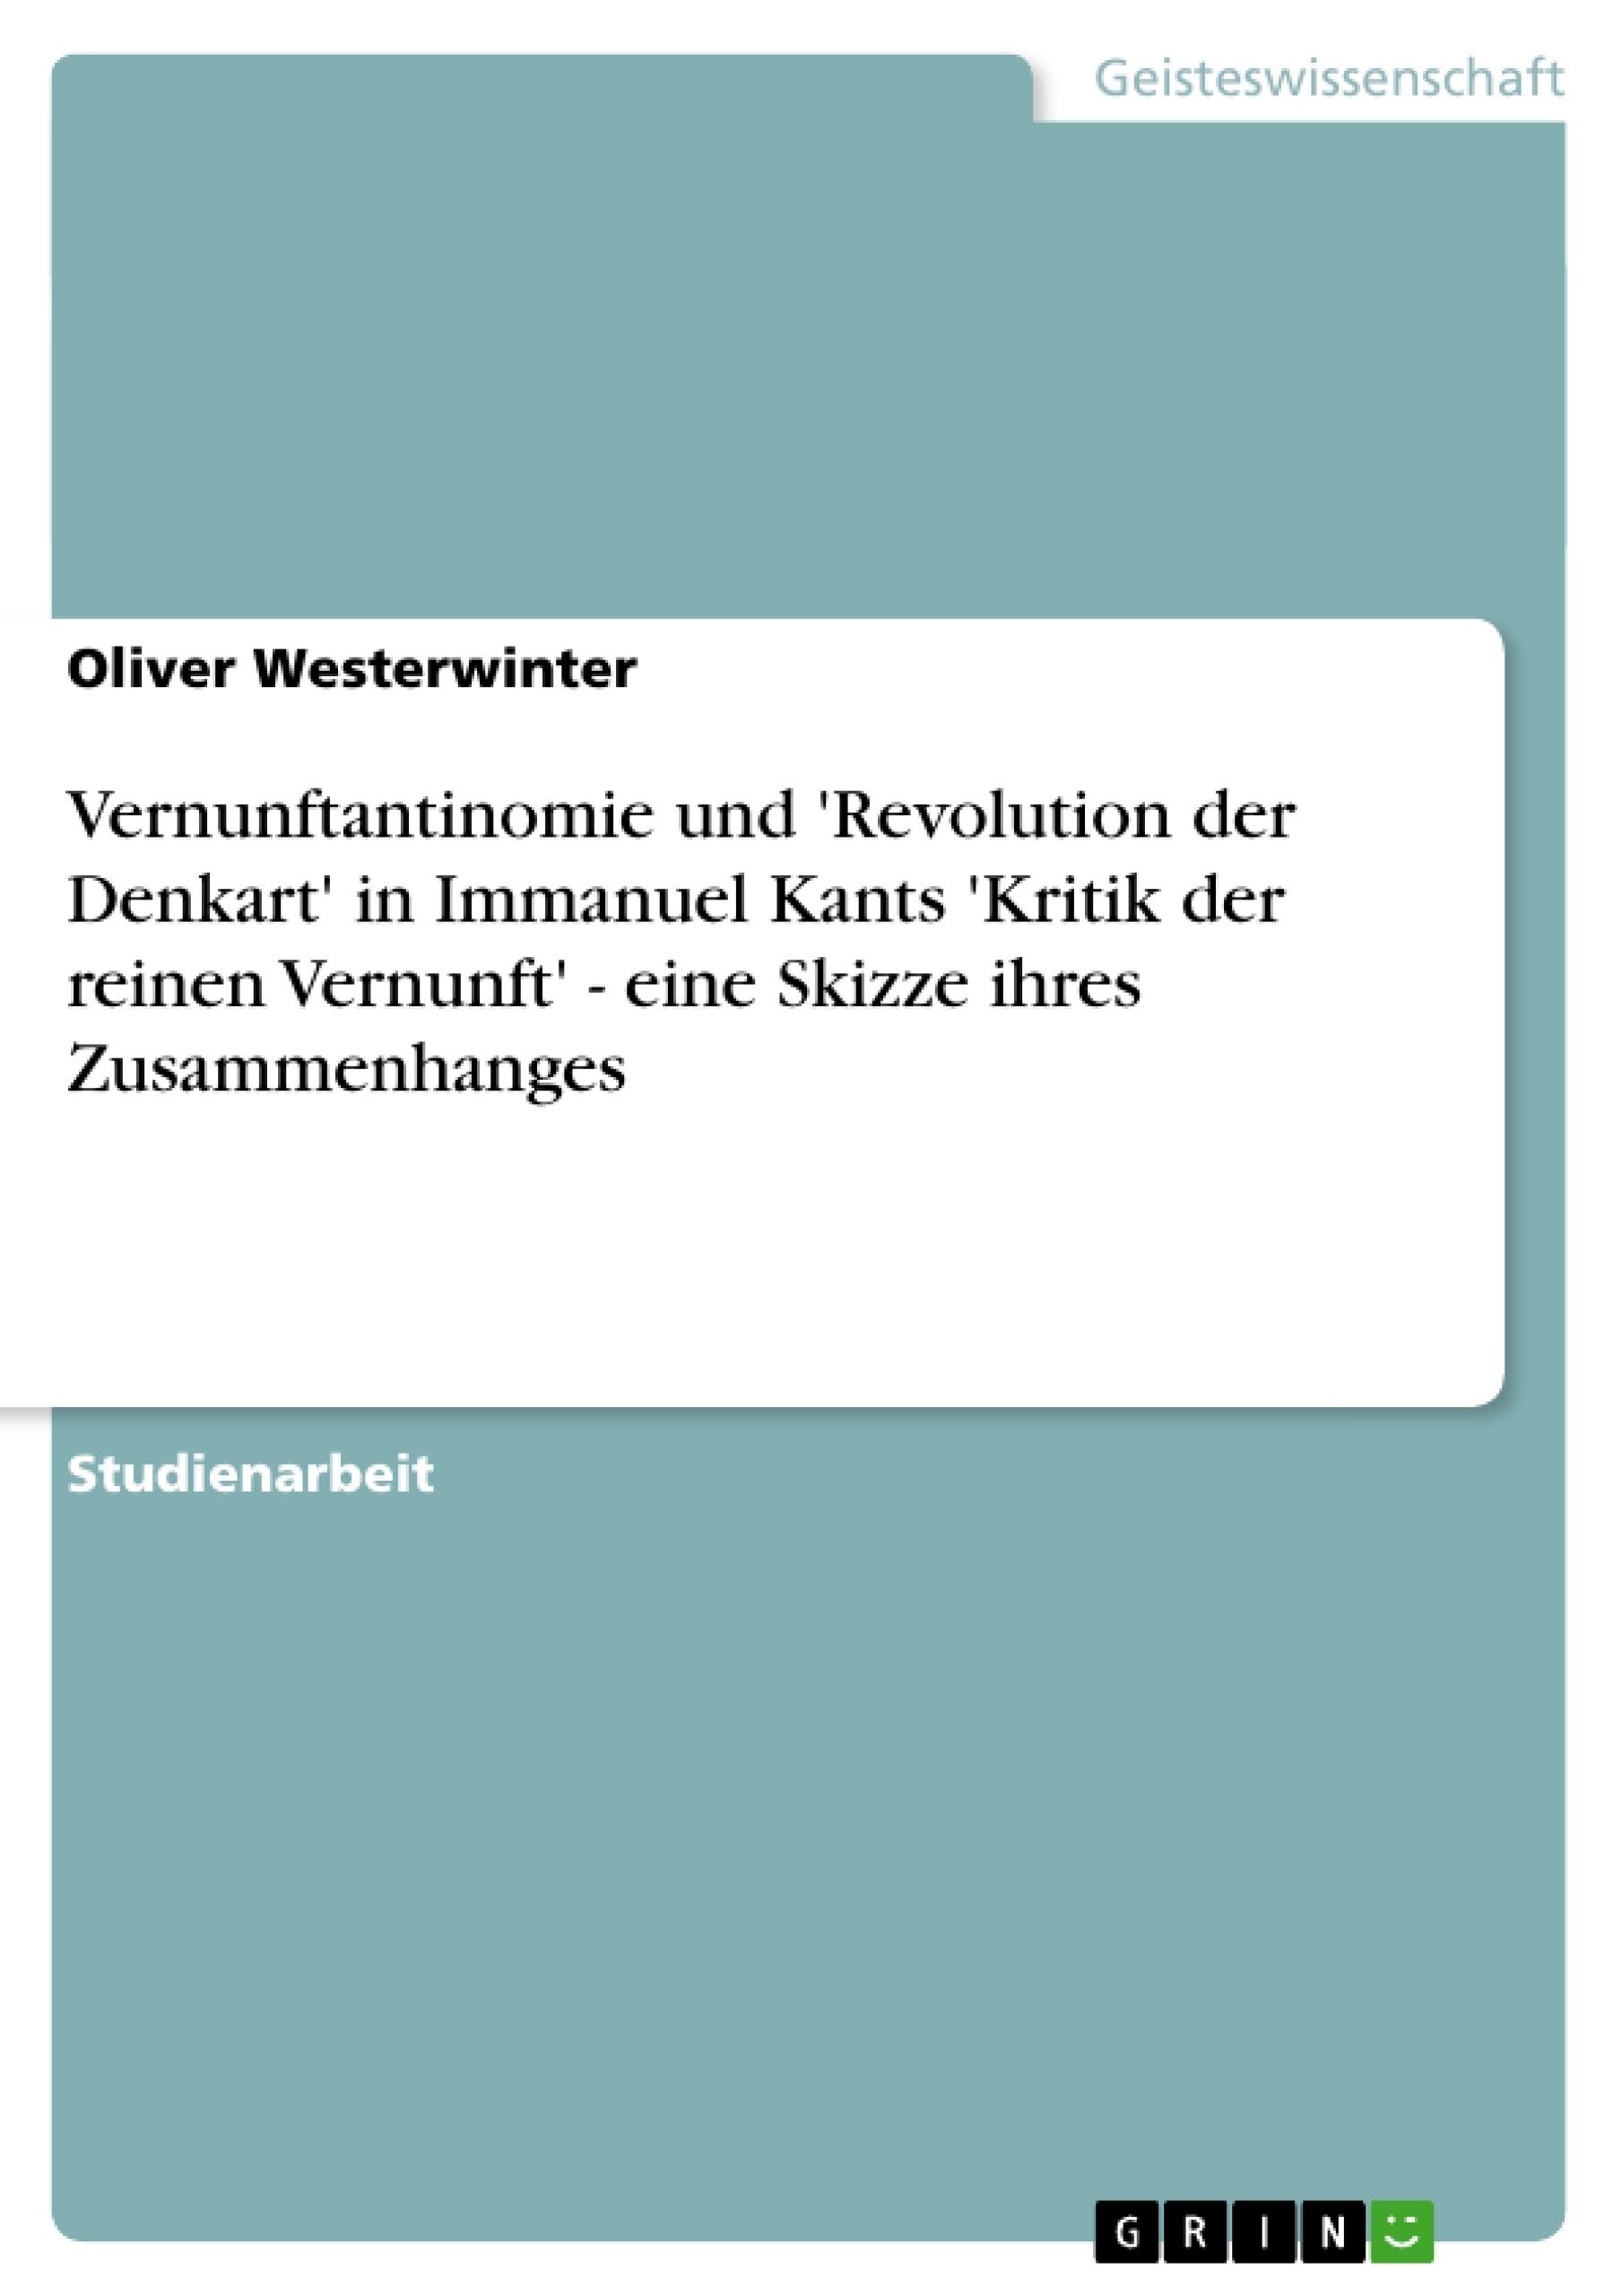 Titel: Vernunftantinomie und 'Revolution der Denkart' in Immanuel Kants 'Kritik der reinen Vernunft' - eine Skizze ihres Zusammenhanges